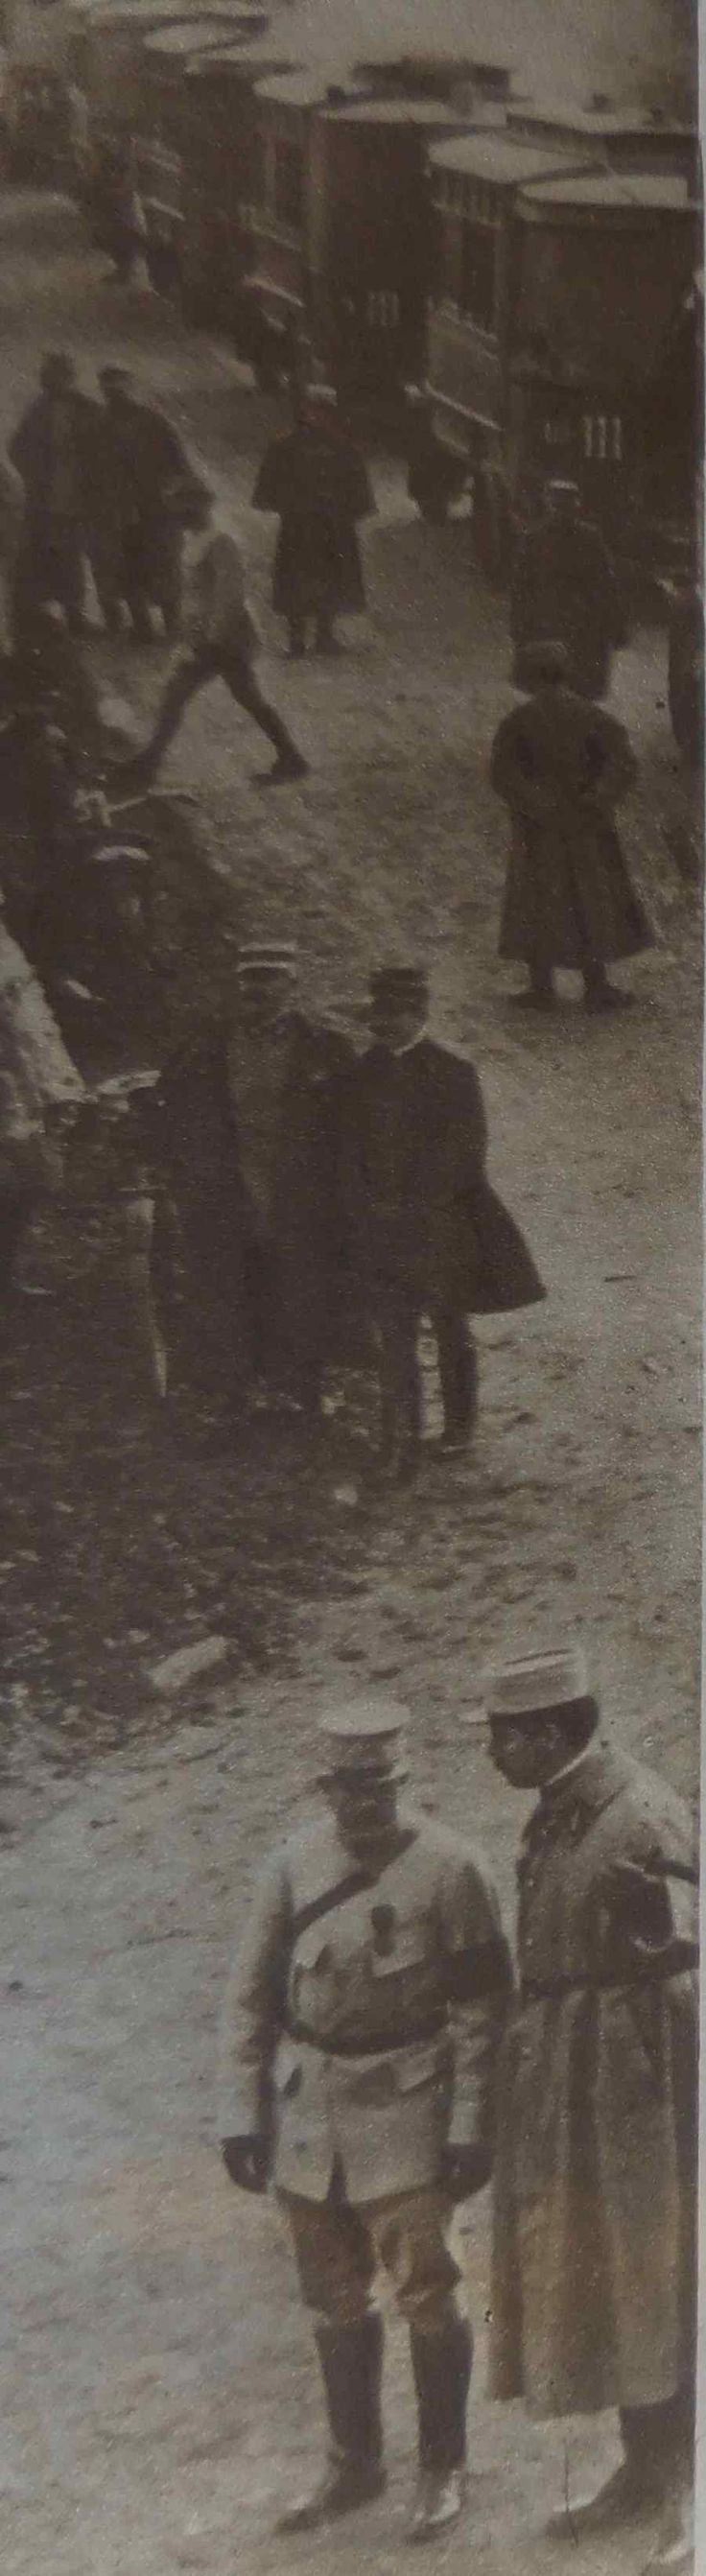 WWI, 1916, Verdun. La Voie Sacrée